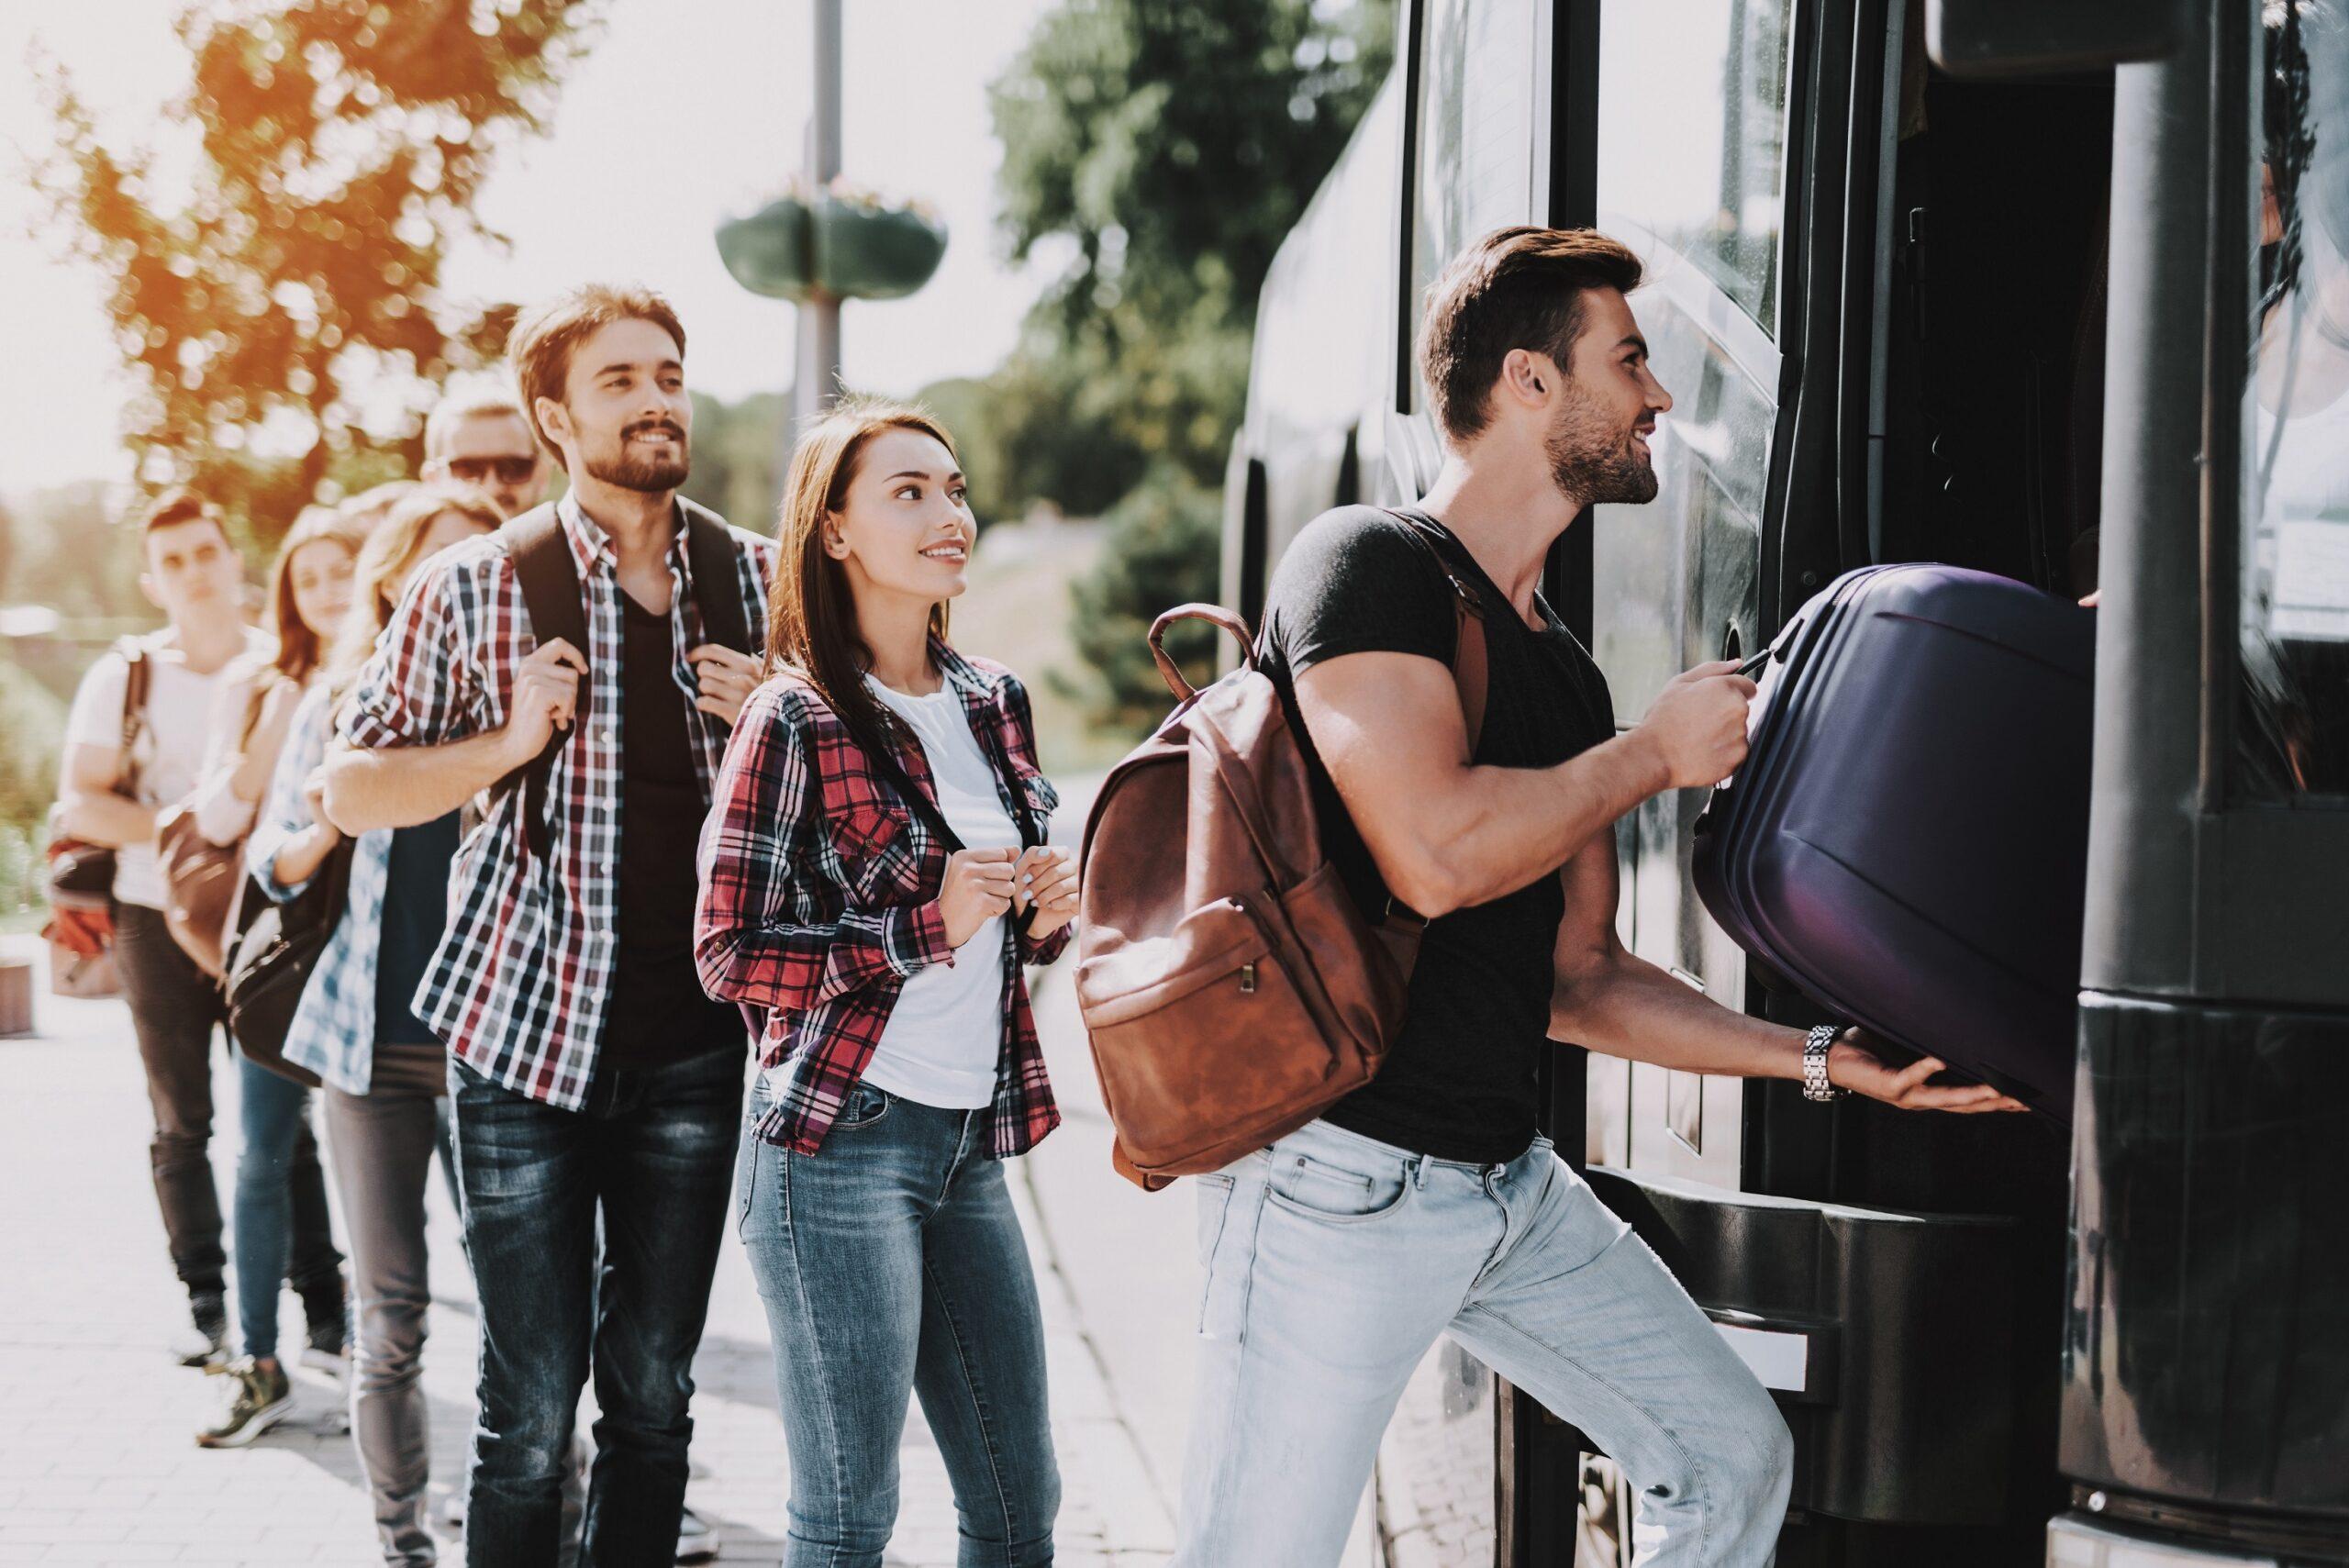 Esnek Seyahat' İçin Yeni Hizmet: Otobüs Kiralama!..